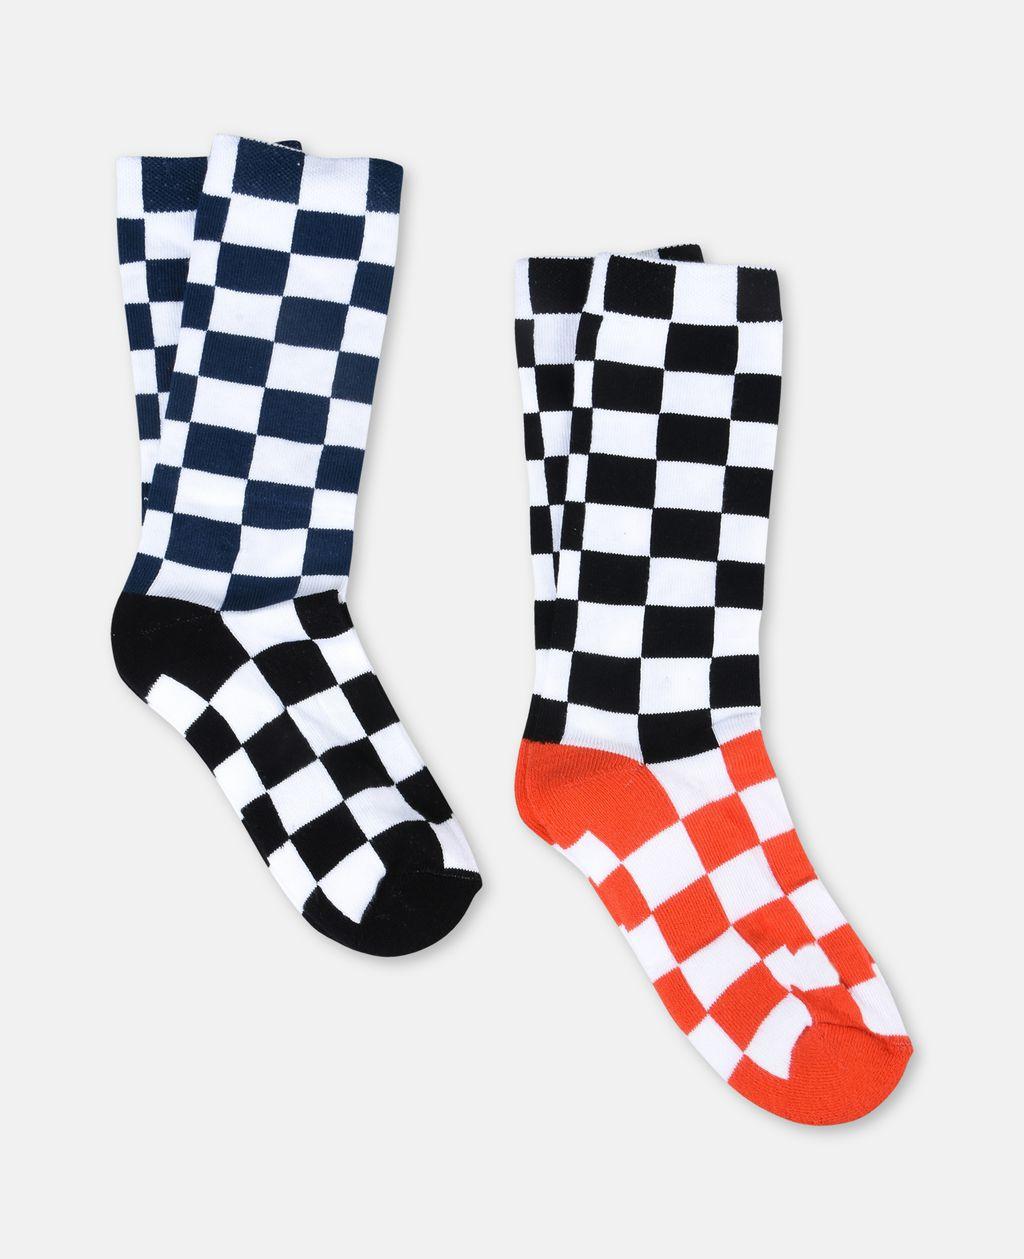 Patrick Check Socks